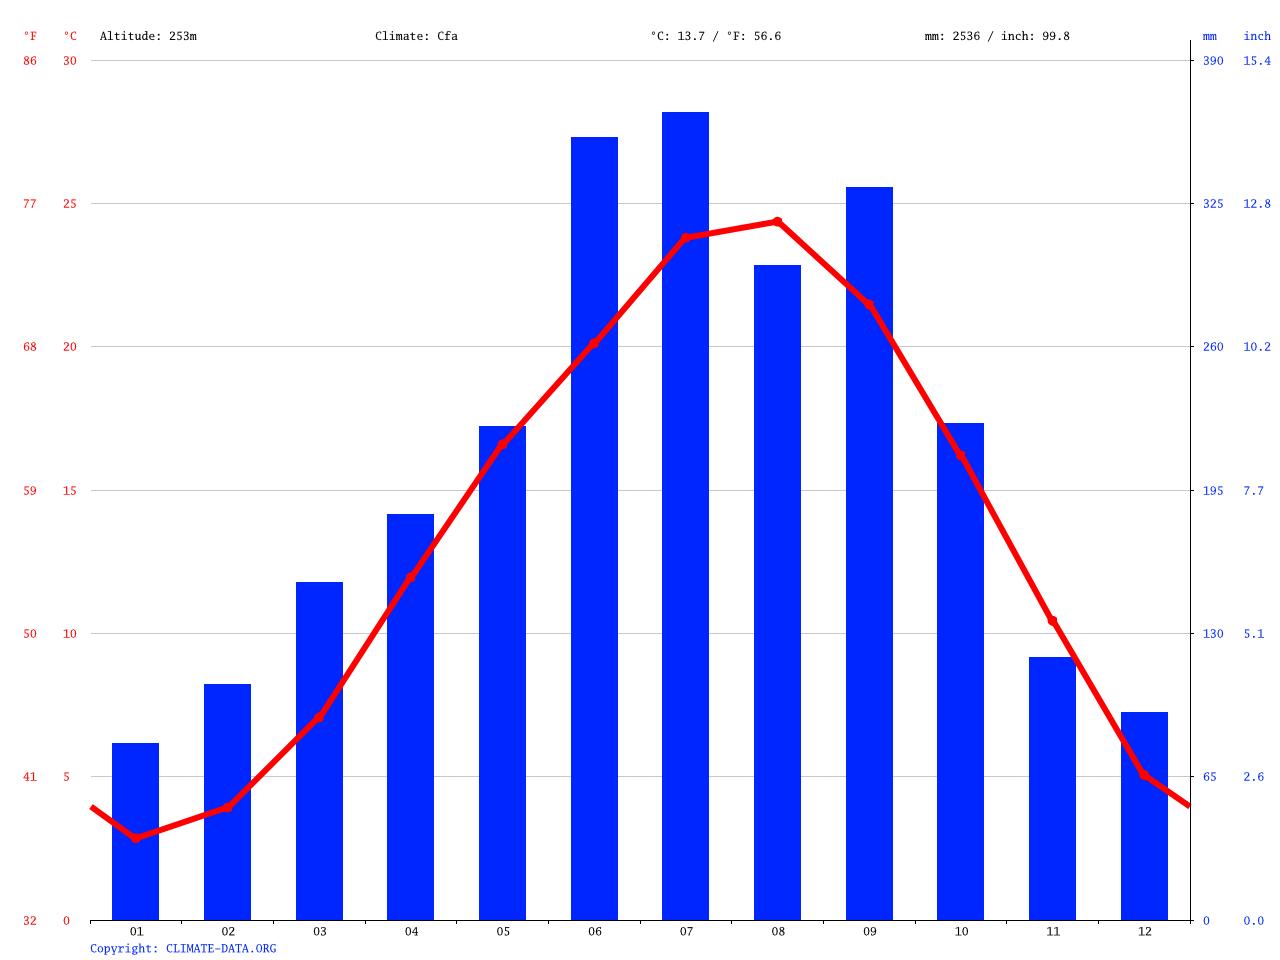 気候:土佐町-気候グラフ、気温グラフ、雨温図 - Climate-Data.org